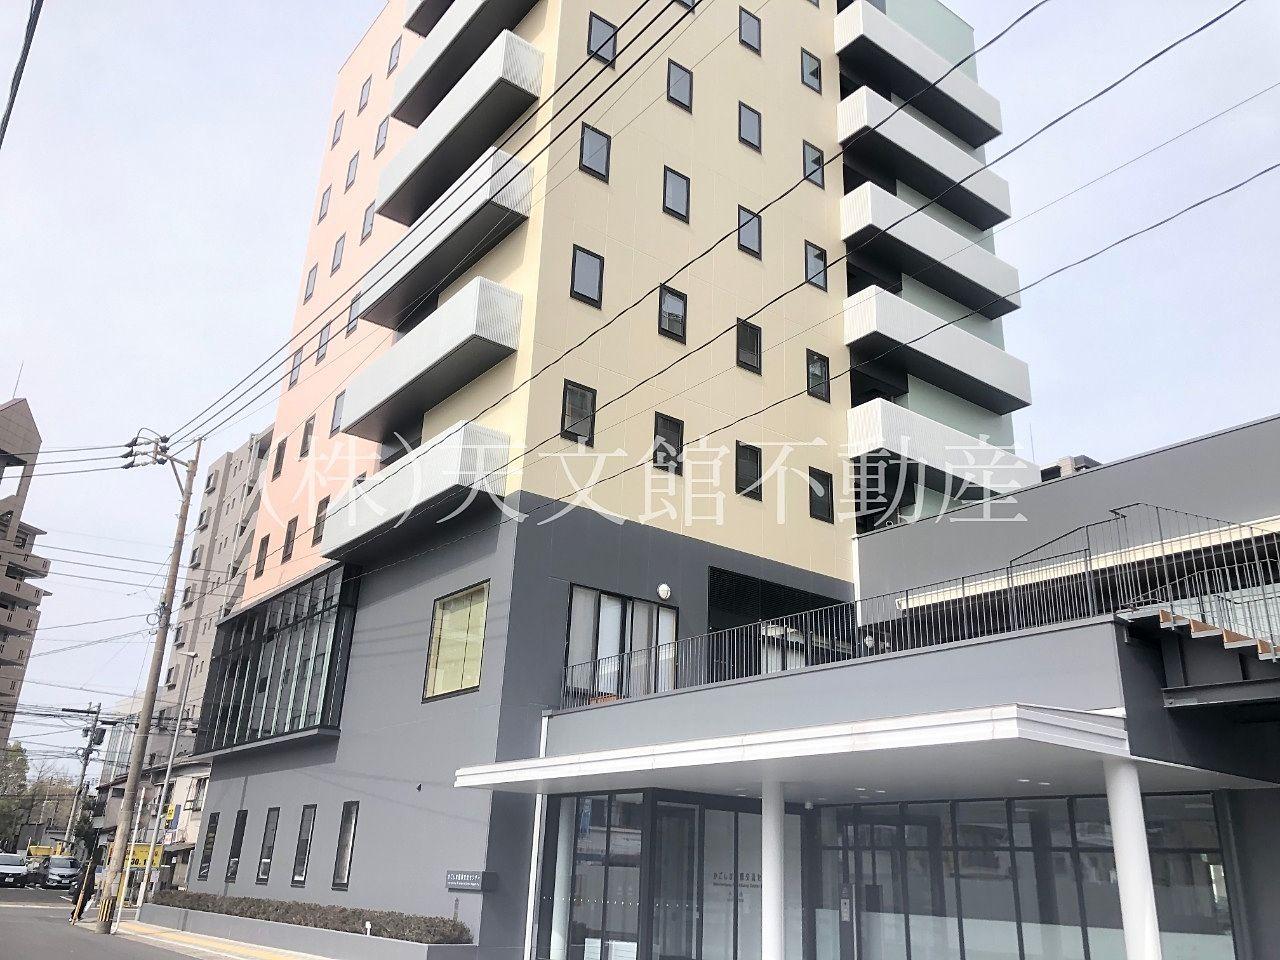 鹿児島市加治屋町「鹿児島市加治屋町「かごしま国際交流センター完成」令和2年4月オープン予定完成」令和2年4月オープンしました。